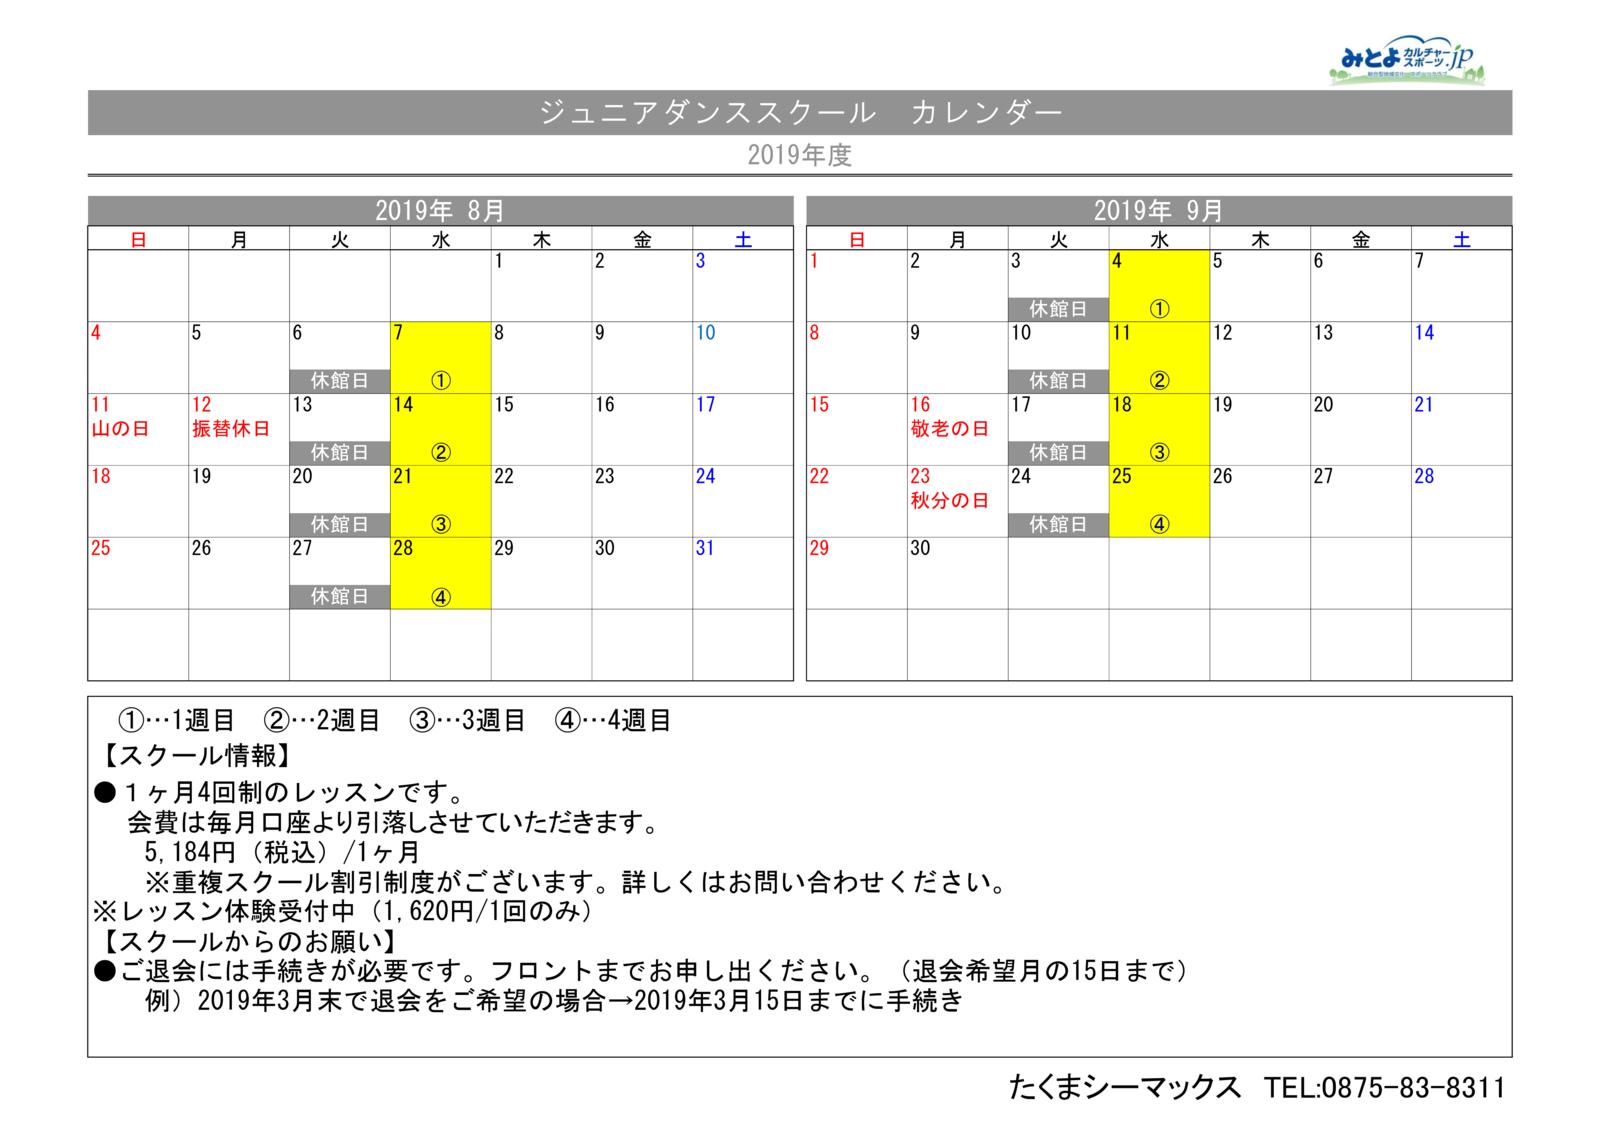 【ジュニアダンス】カレンダー8月9月のサムネイル